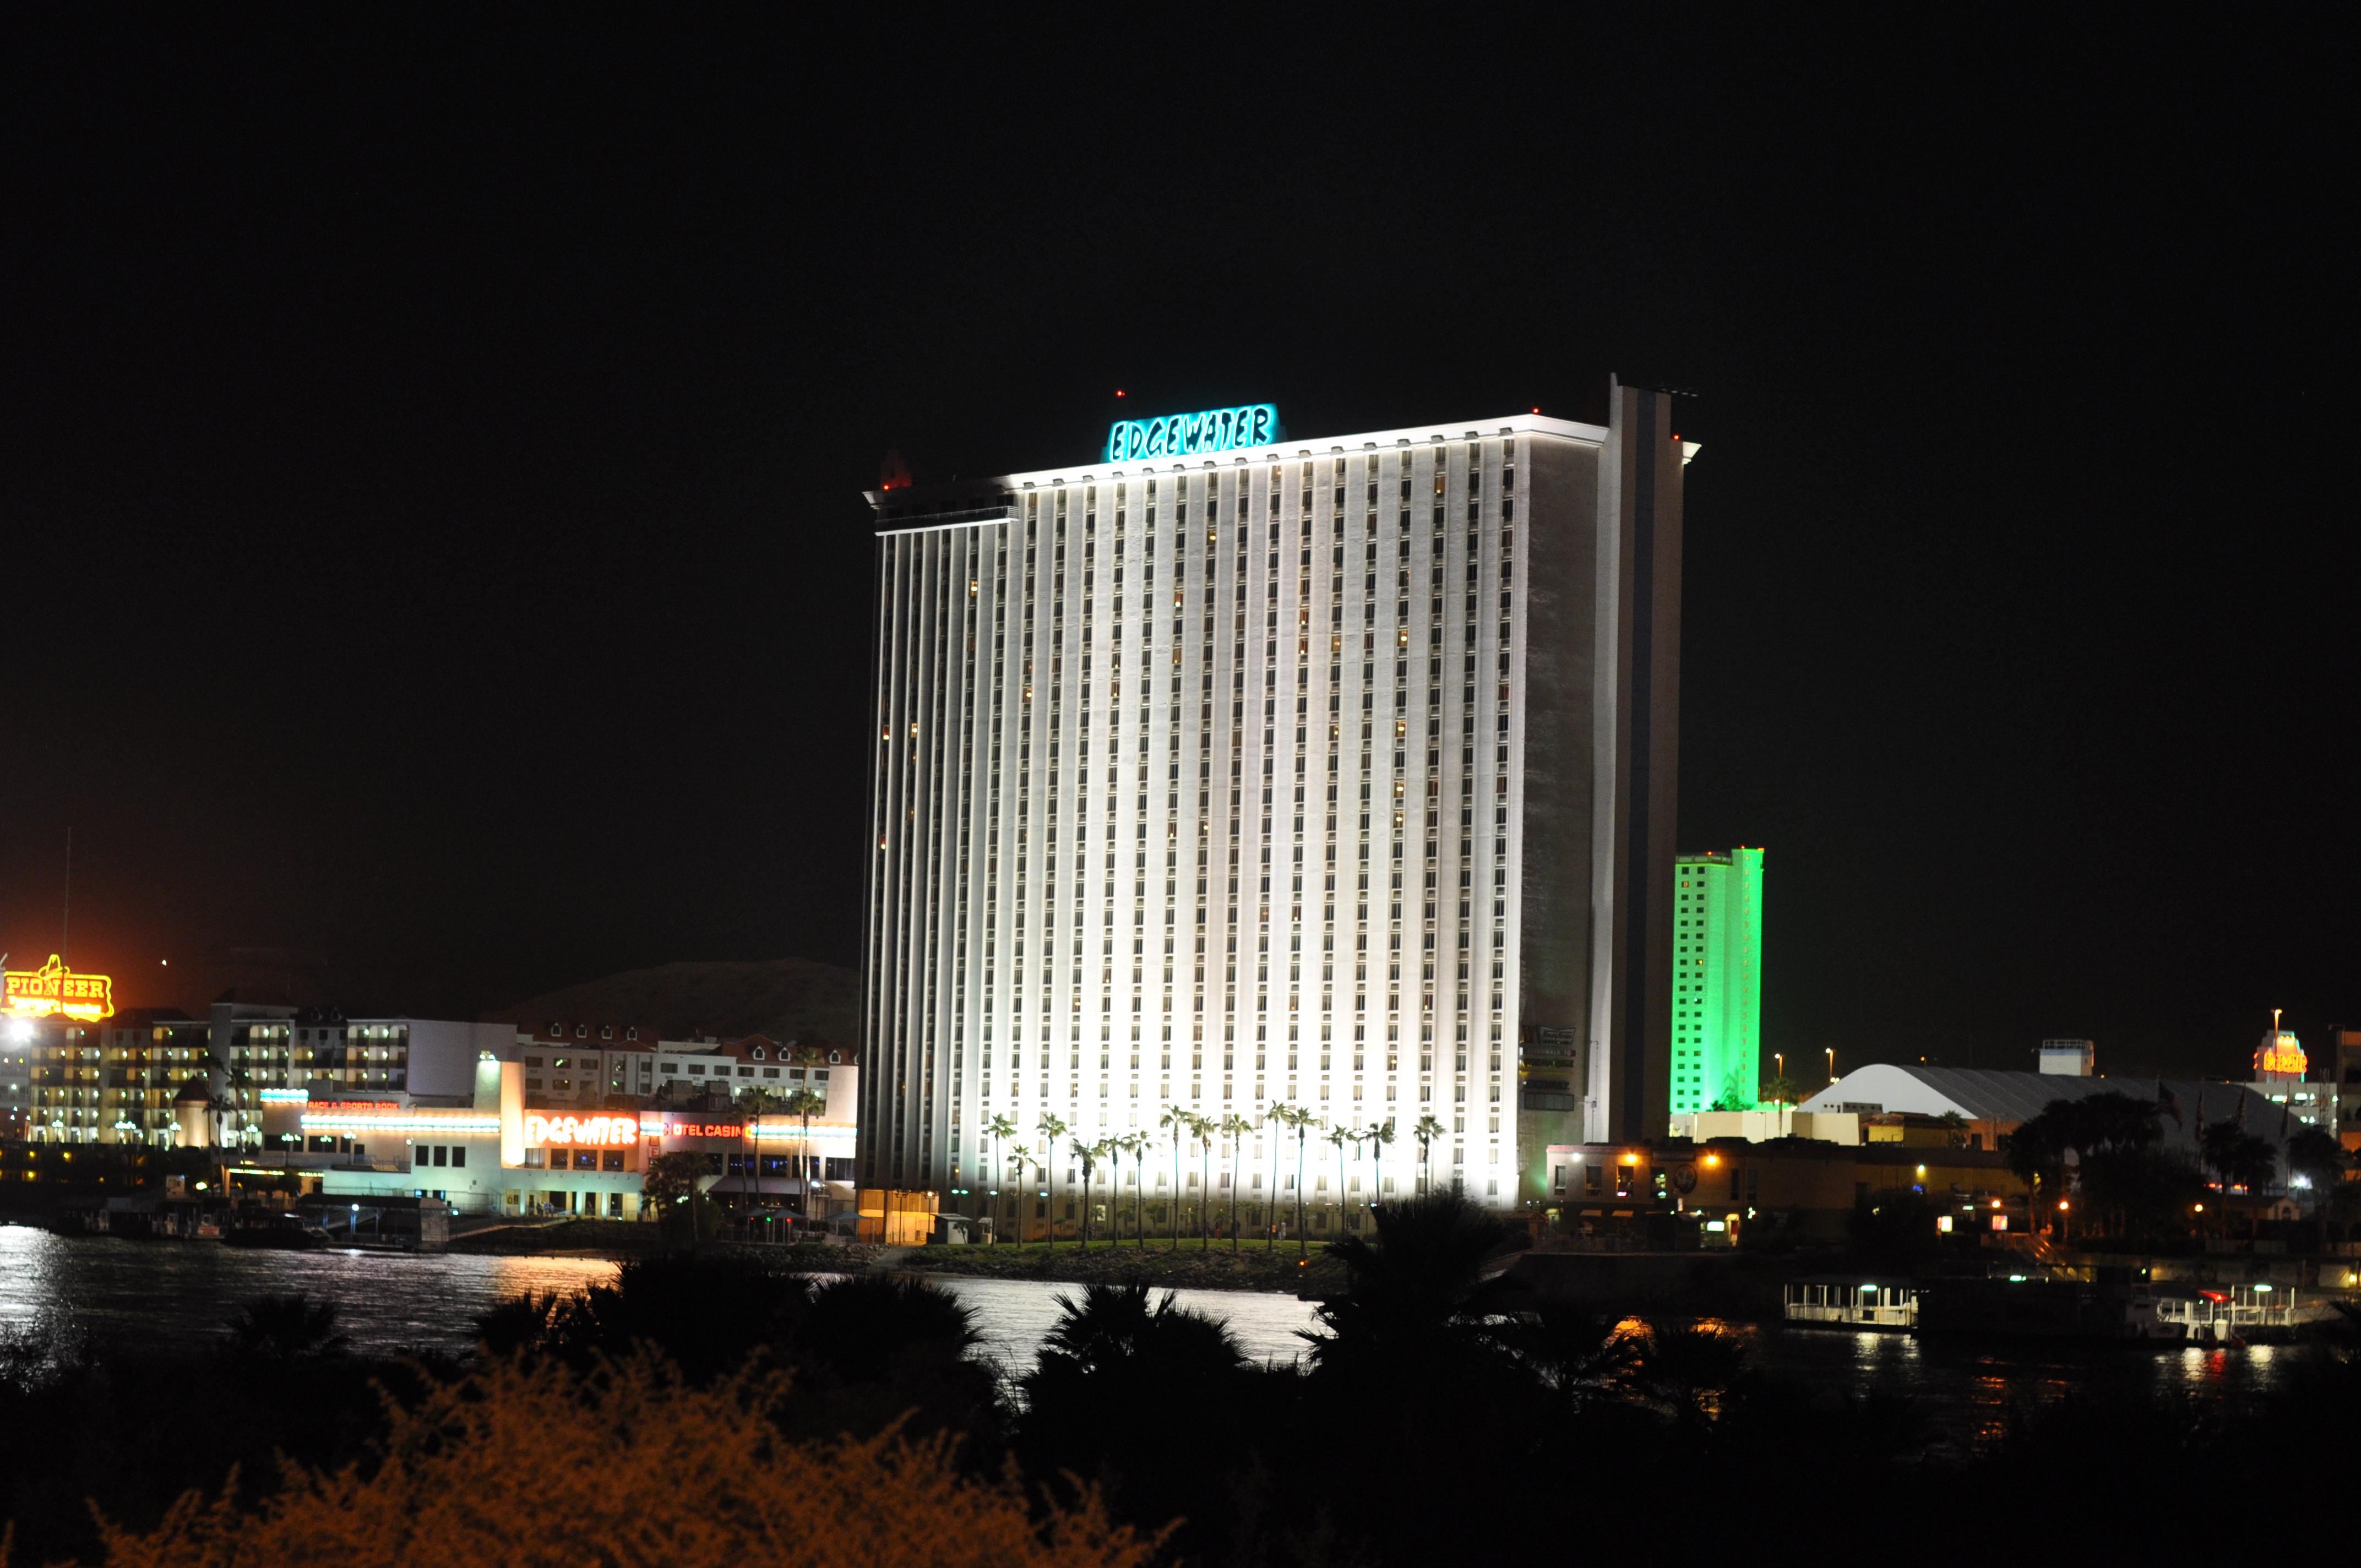 Edgewater casino hotel